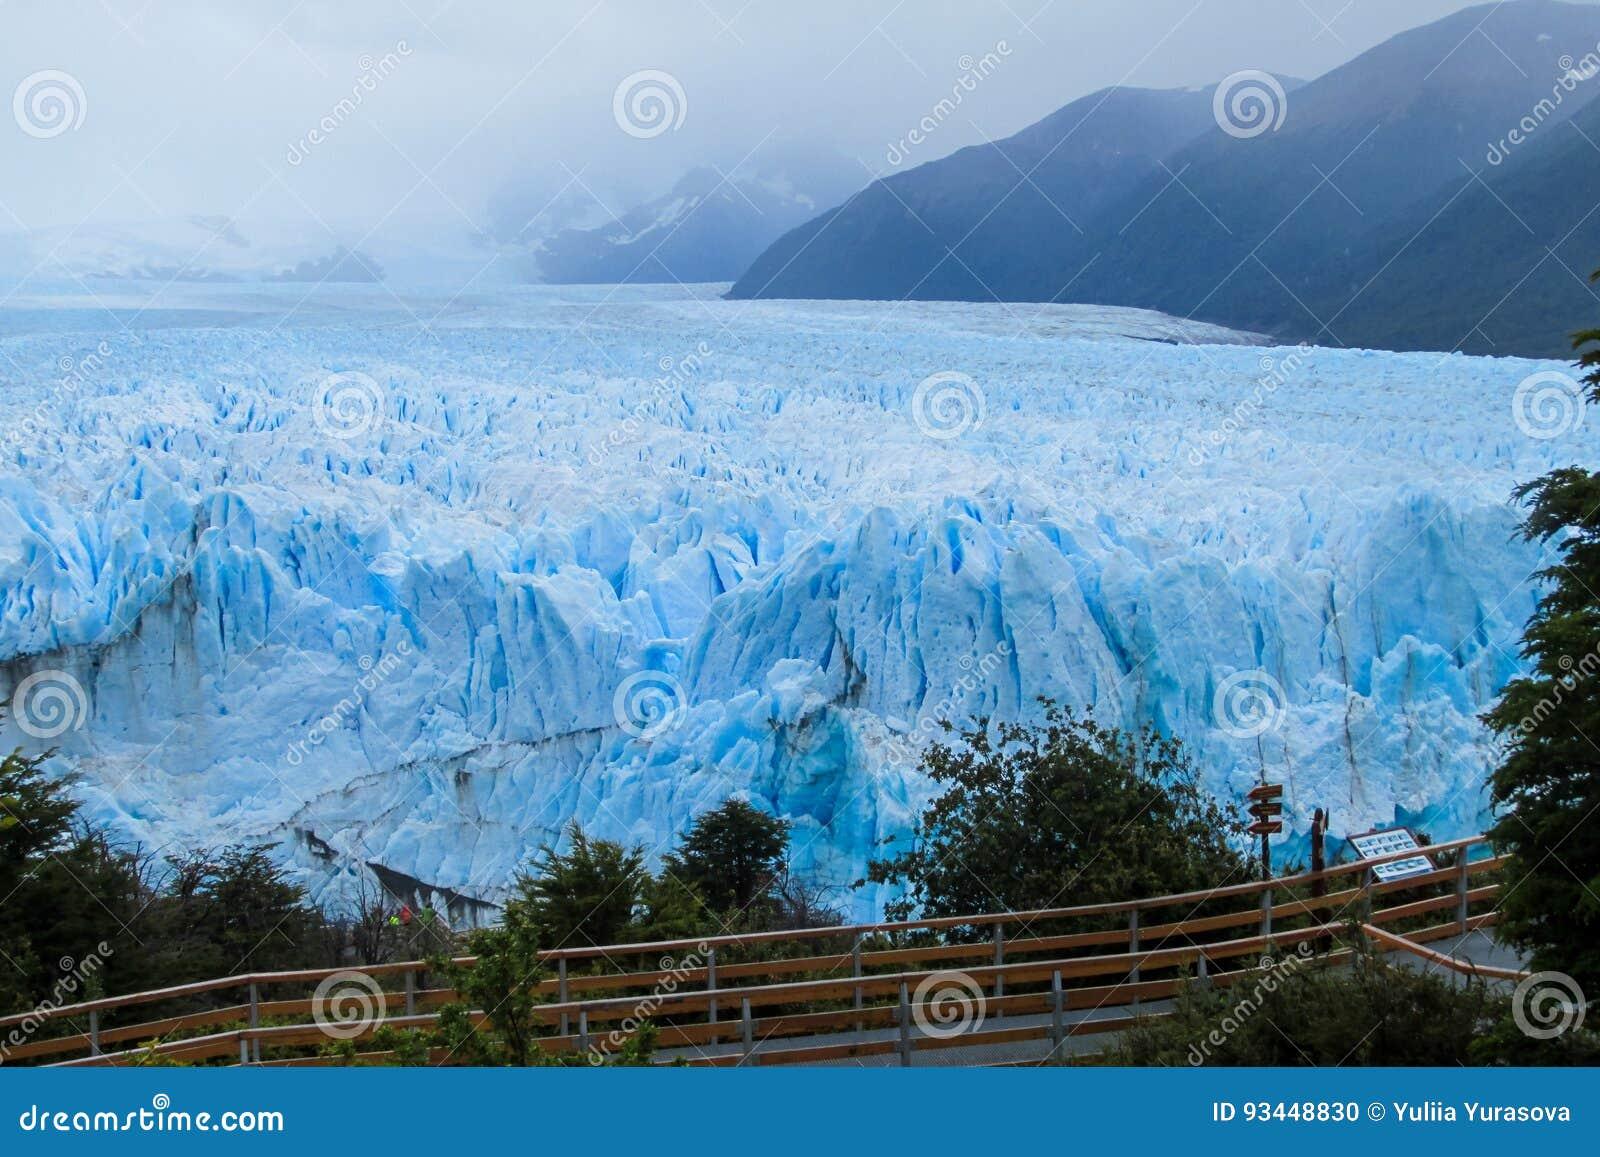 在冰川佩里托莫雷诺在巴塔哥尼亚,阿根廷的游览桥梁